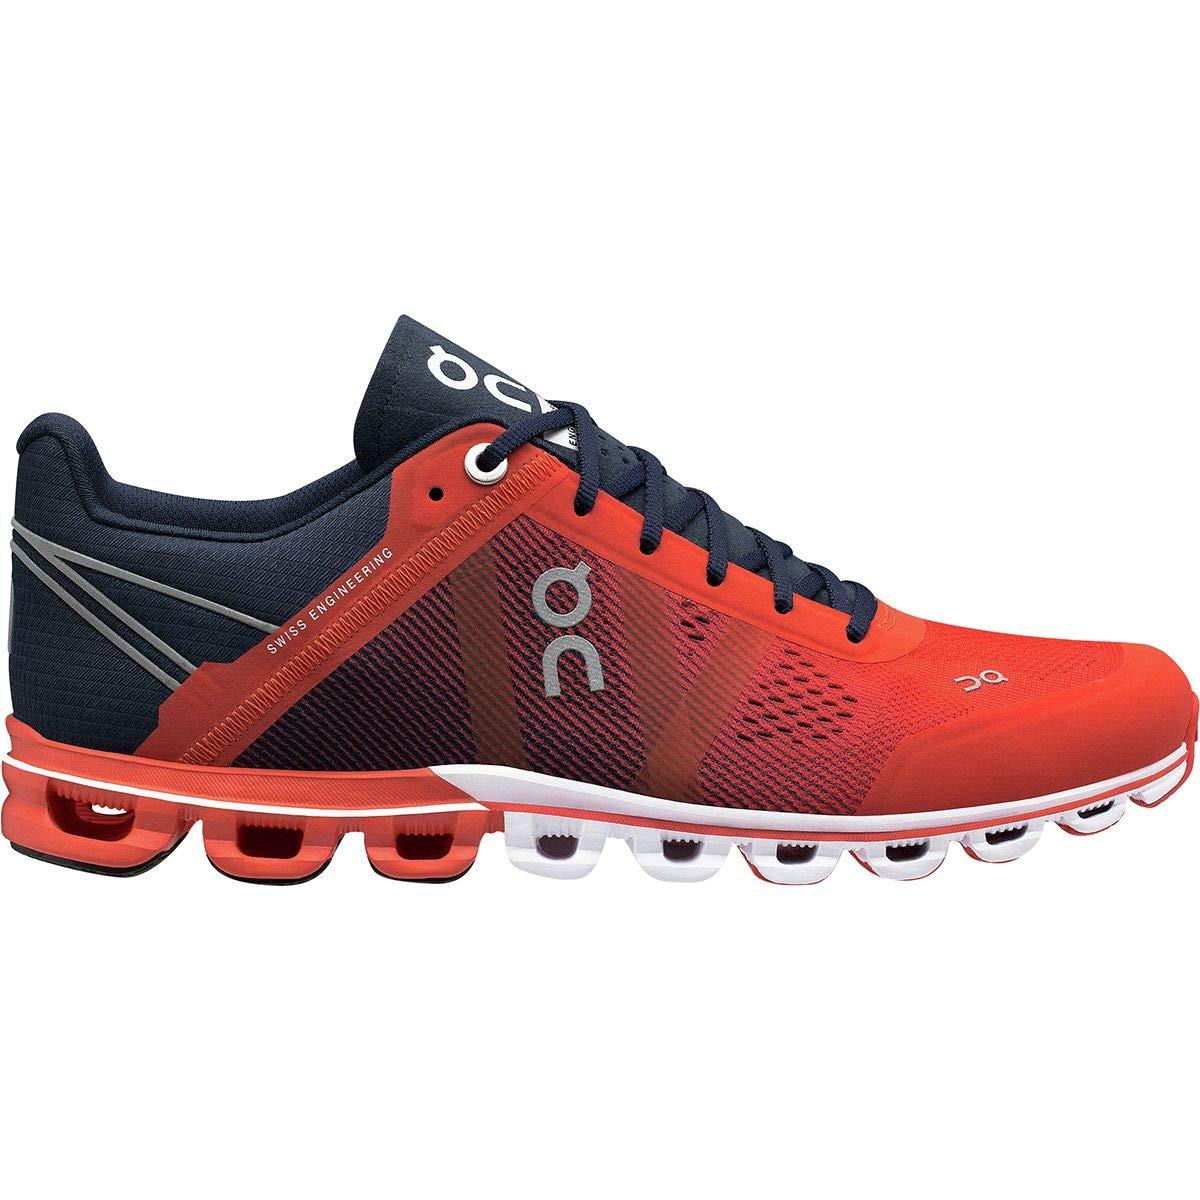 【2018最新作】 [オンフットウェア] レディース ランニング Cloudflow Running Shoe [並行輸入品] B07NYVWFY6   8, ウェリントン b39ac446